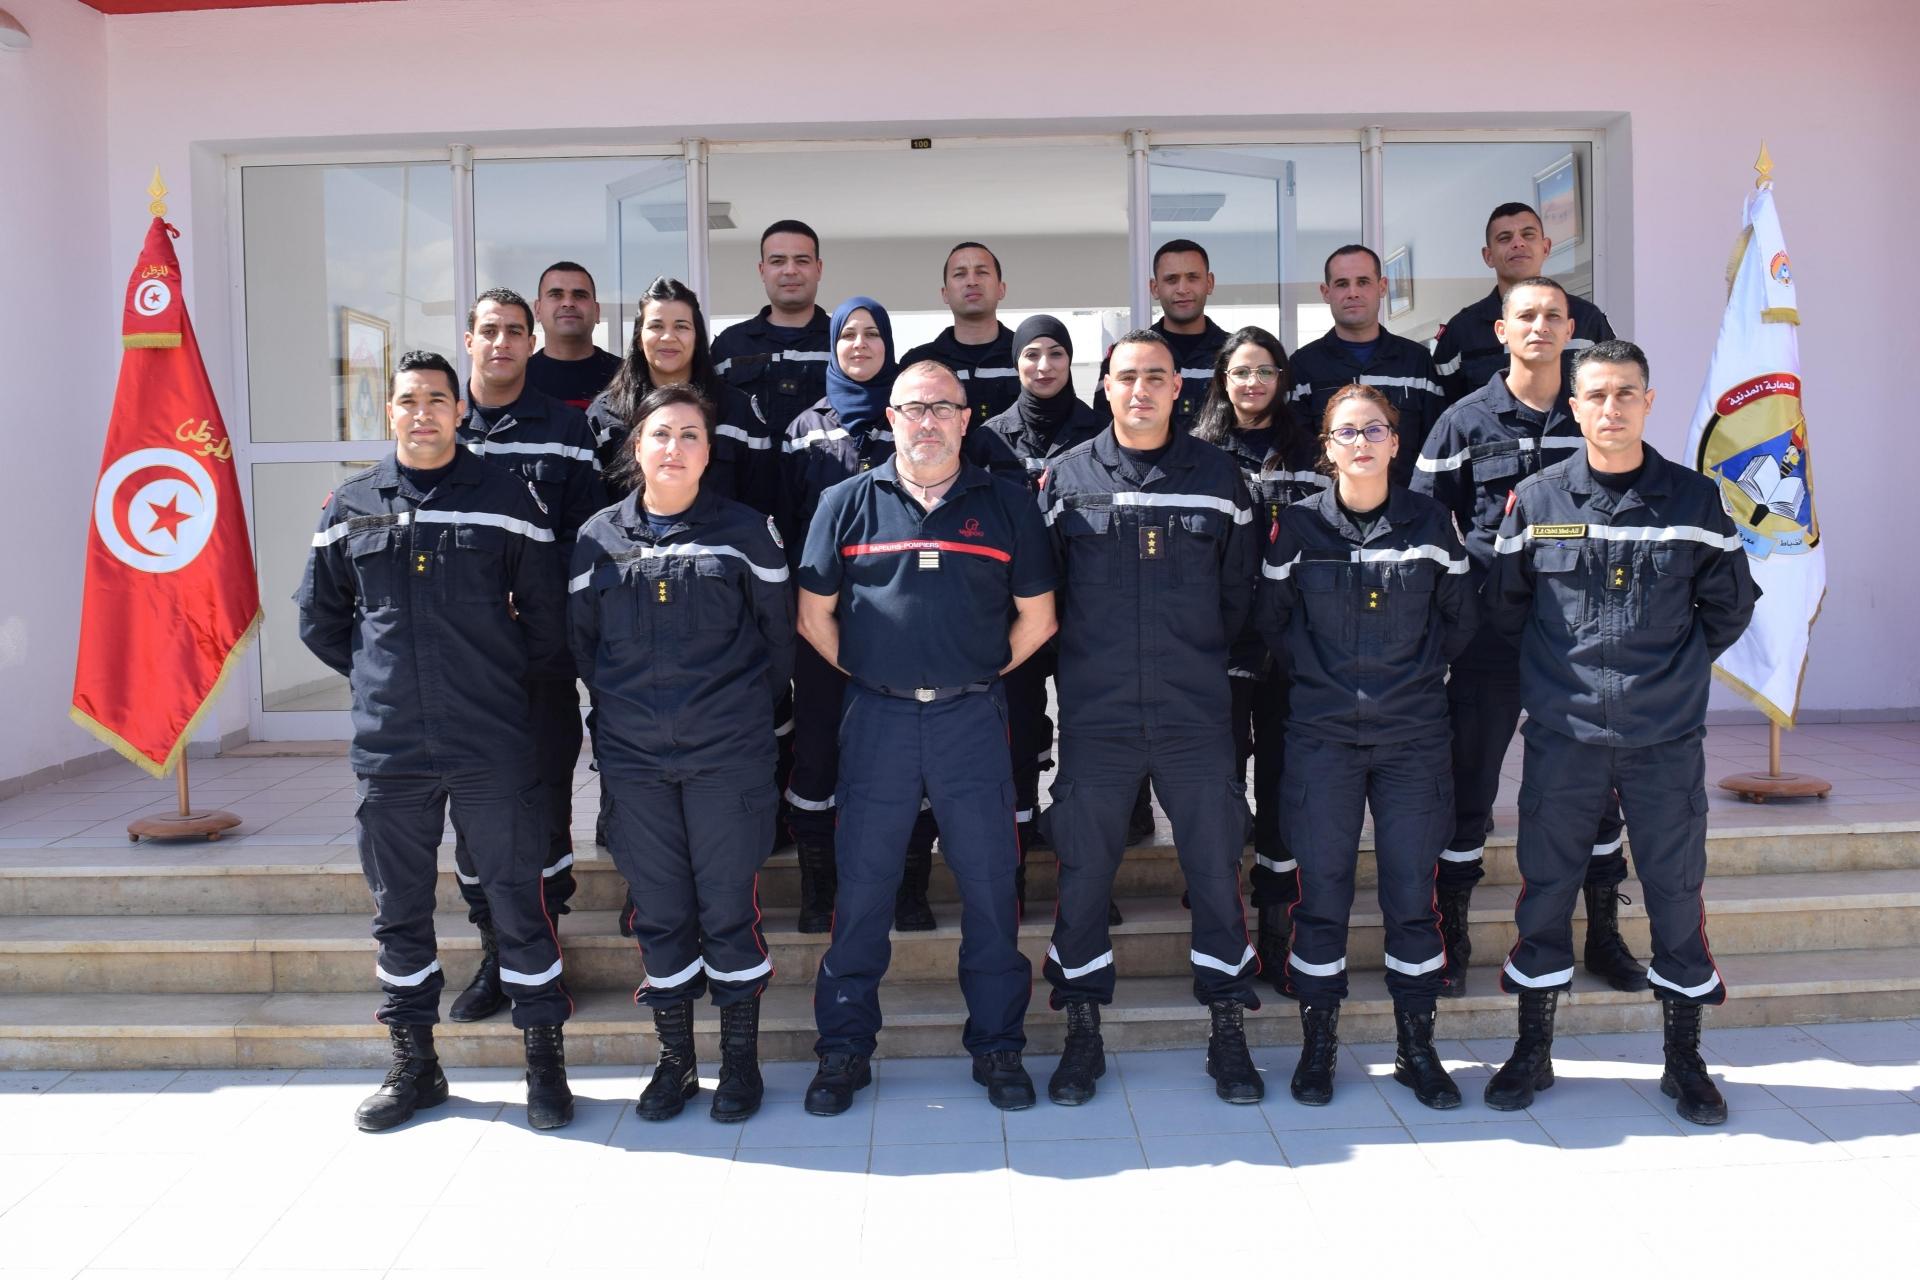 Ouverture de la deuxième session de formation « G O C 4 » à l'Ecole Nationale de la Protection Civile